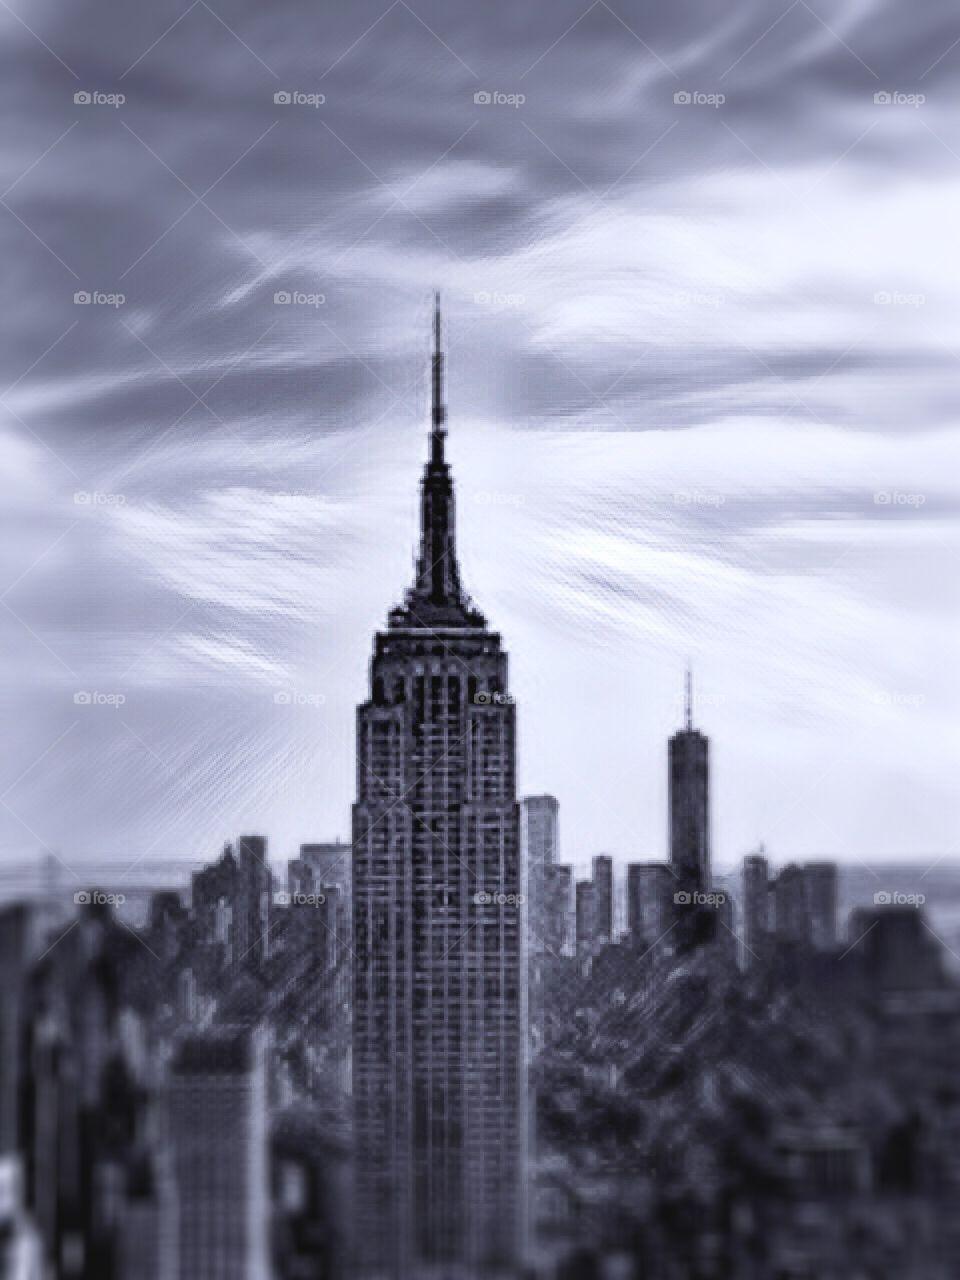 City Skyscraper, Architecture , Black - and - white photo.